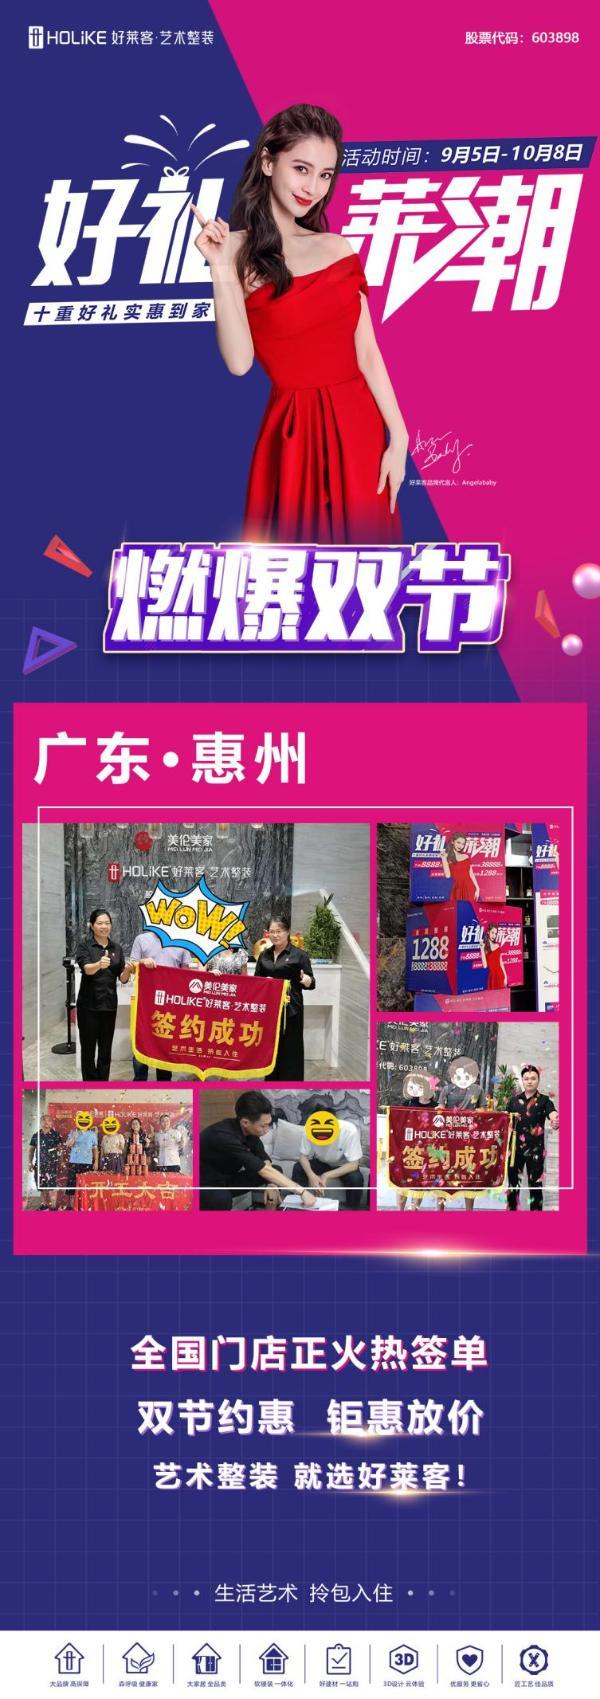 好莱客艺术整装中秋、国庆狂送礼,惠州现场掀起签单热潮!